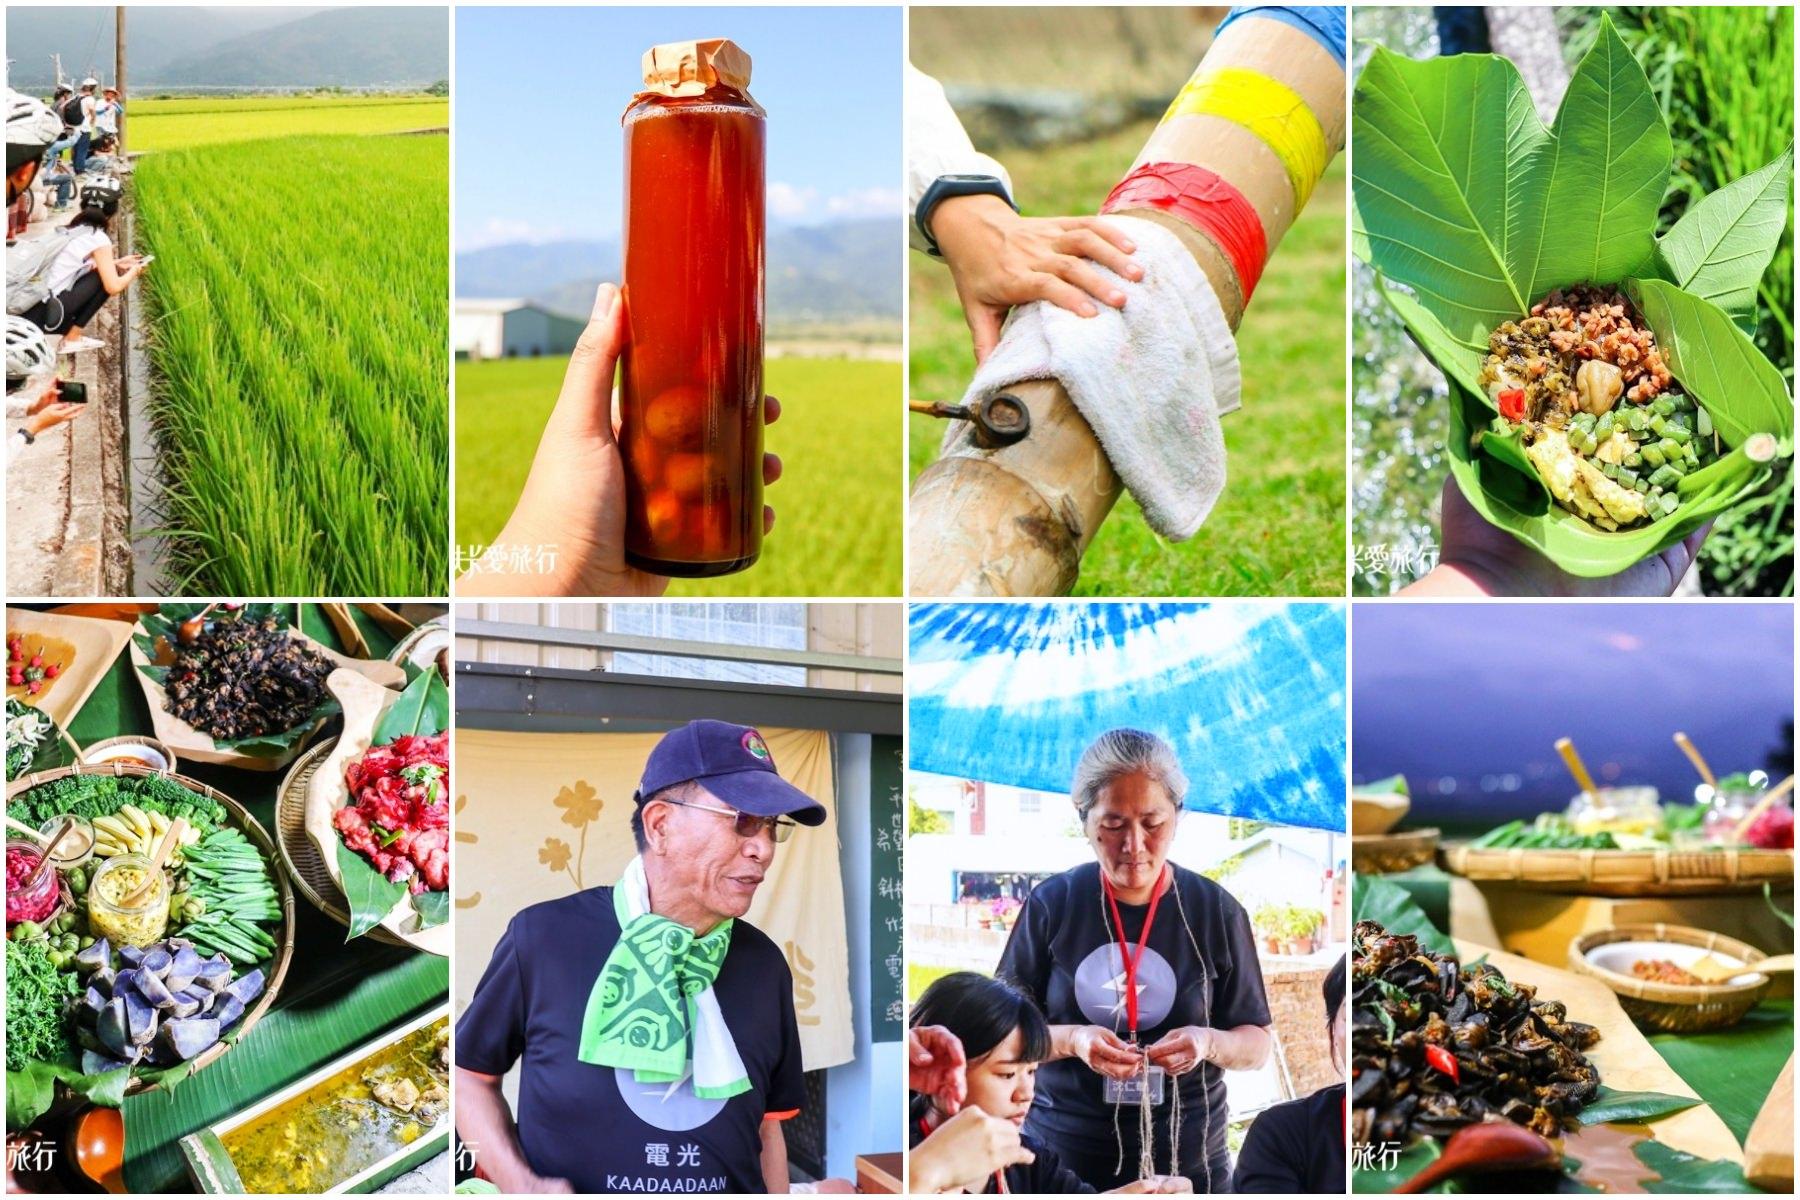 【台東部落體驗】縱谷原遊會-部落學習工作營|電光部落的味覺饗宴及原民文化